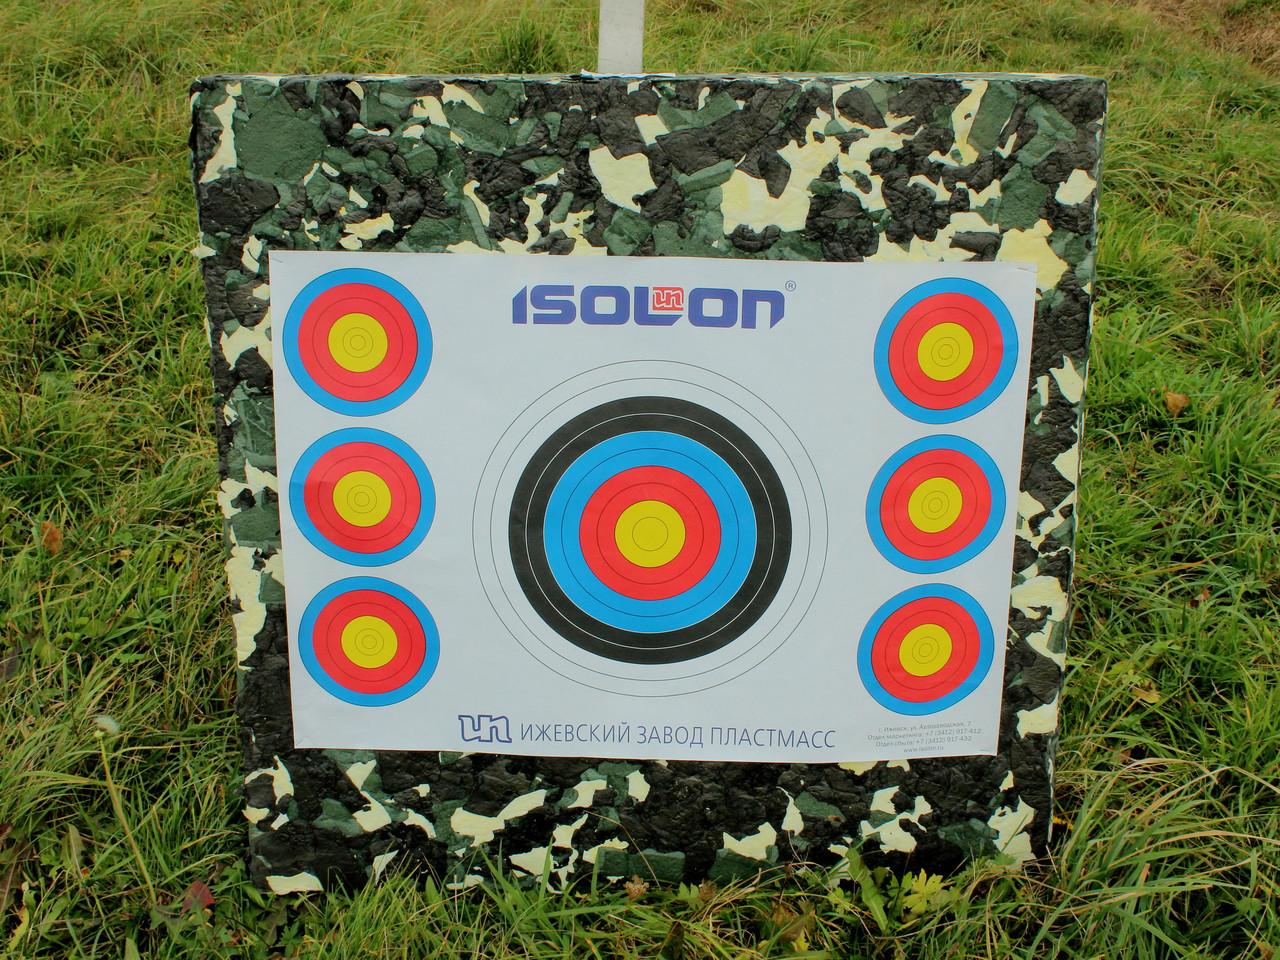 Щит-стрелоулавливатель, ізолон-блок 100, щит для мішеней товщиною 10 см, розмір 1х1 м.